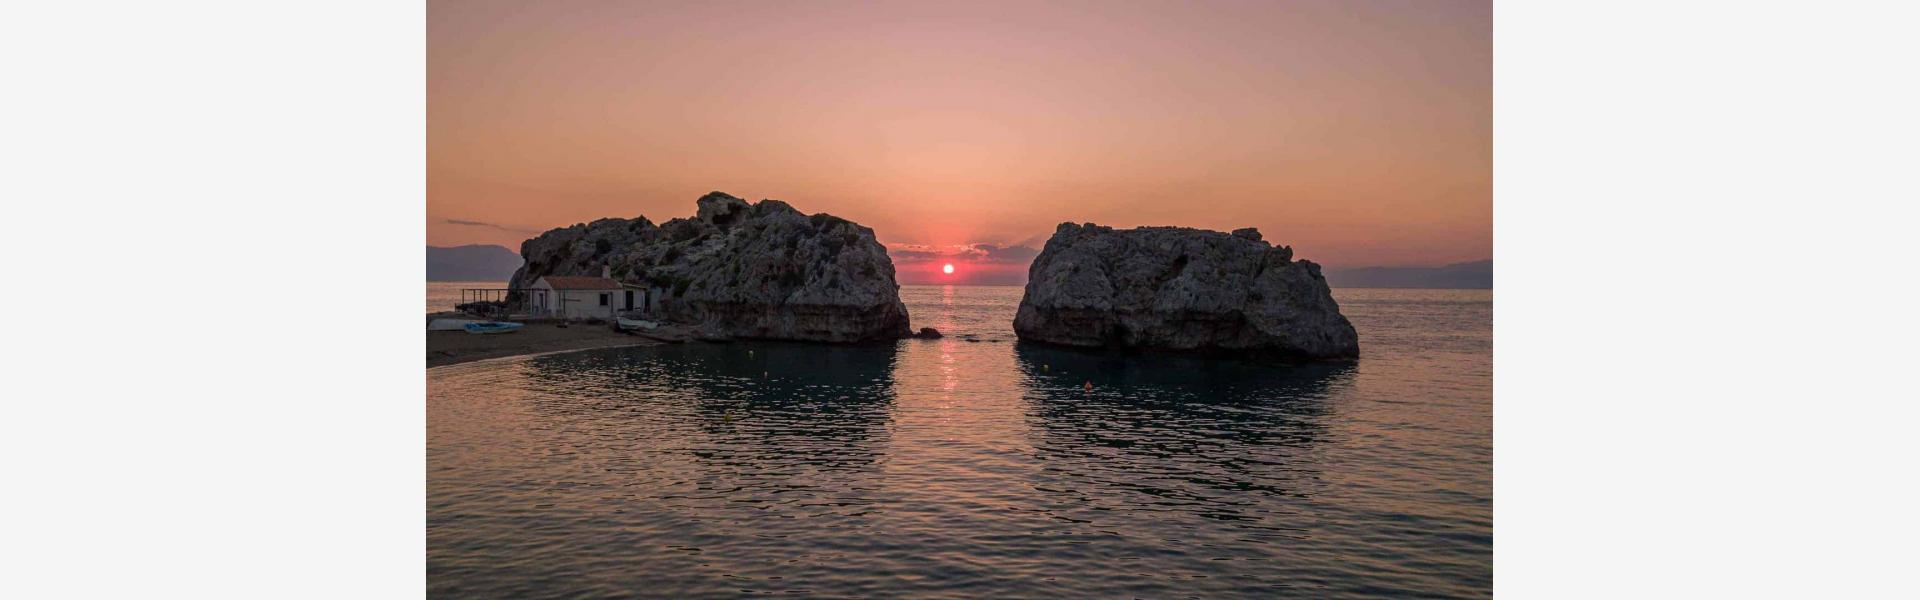 Μυλοκοπή ηλιοβασίλεμα